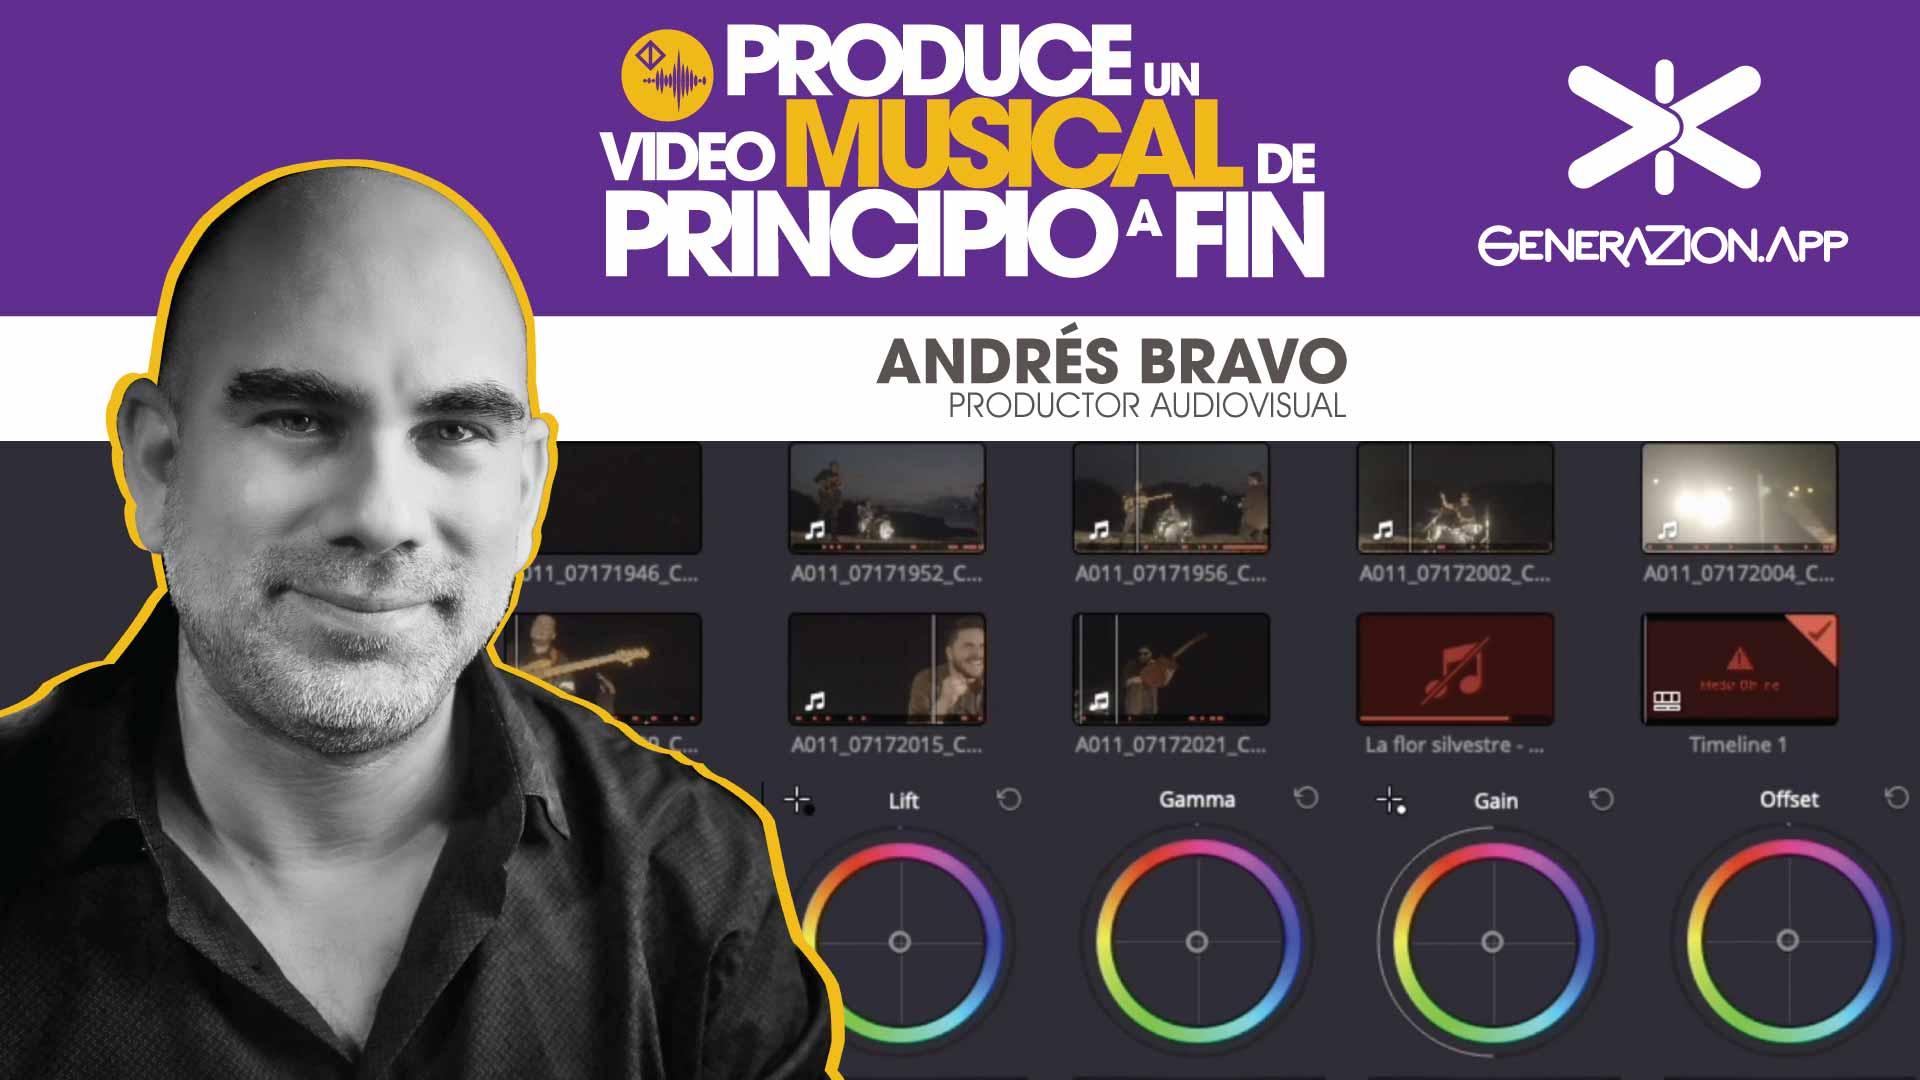 produce-un-video-musical-de-principio-a-fin-px1920